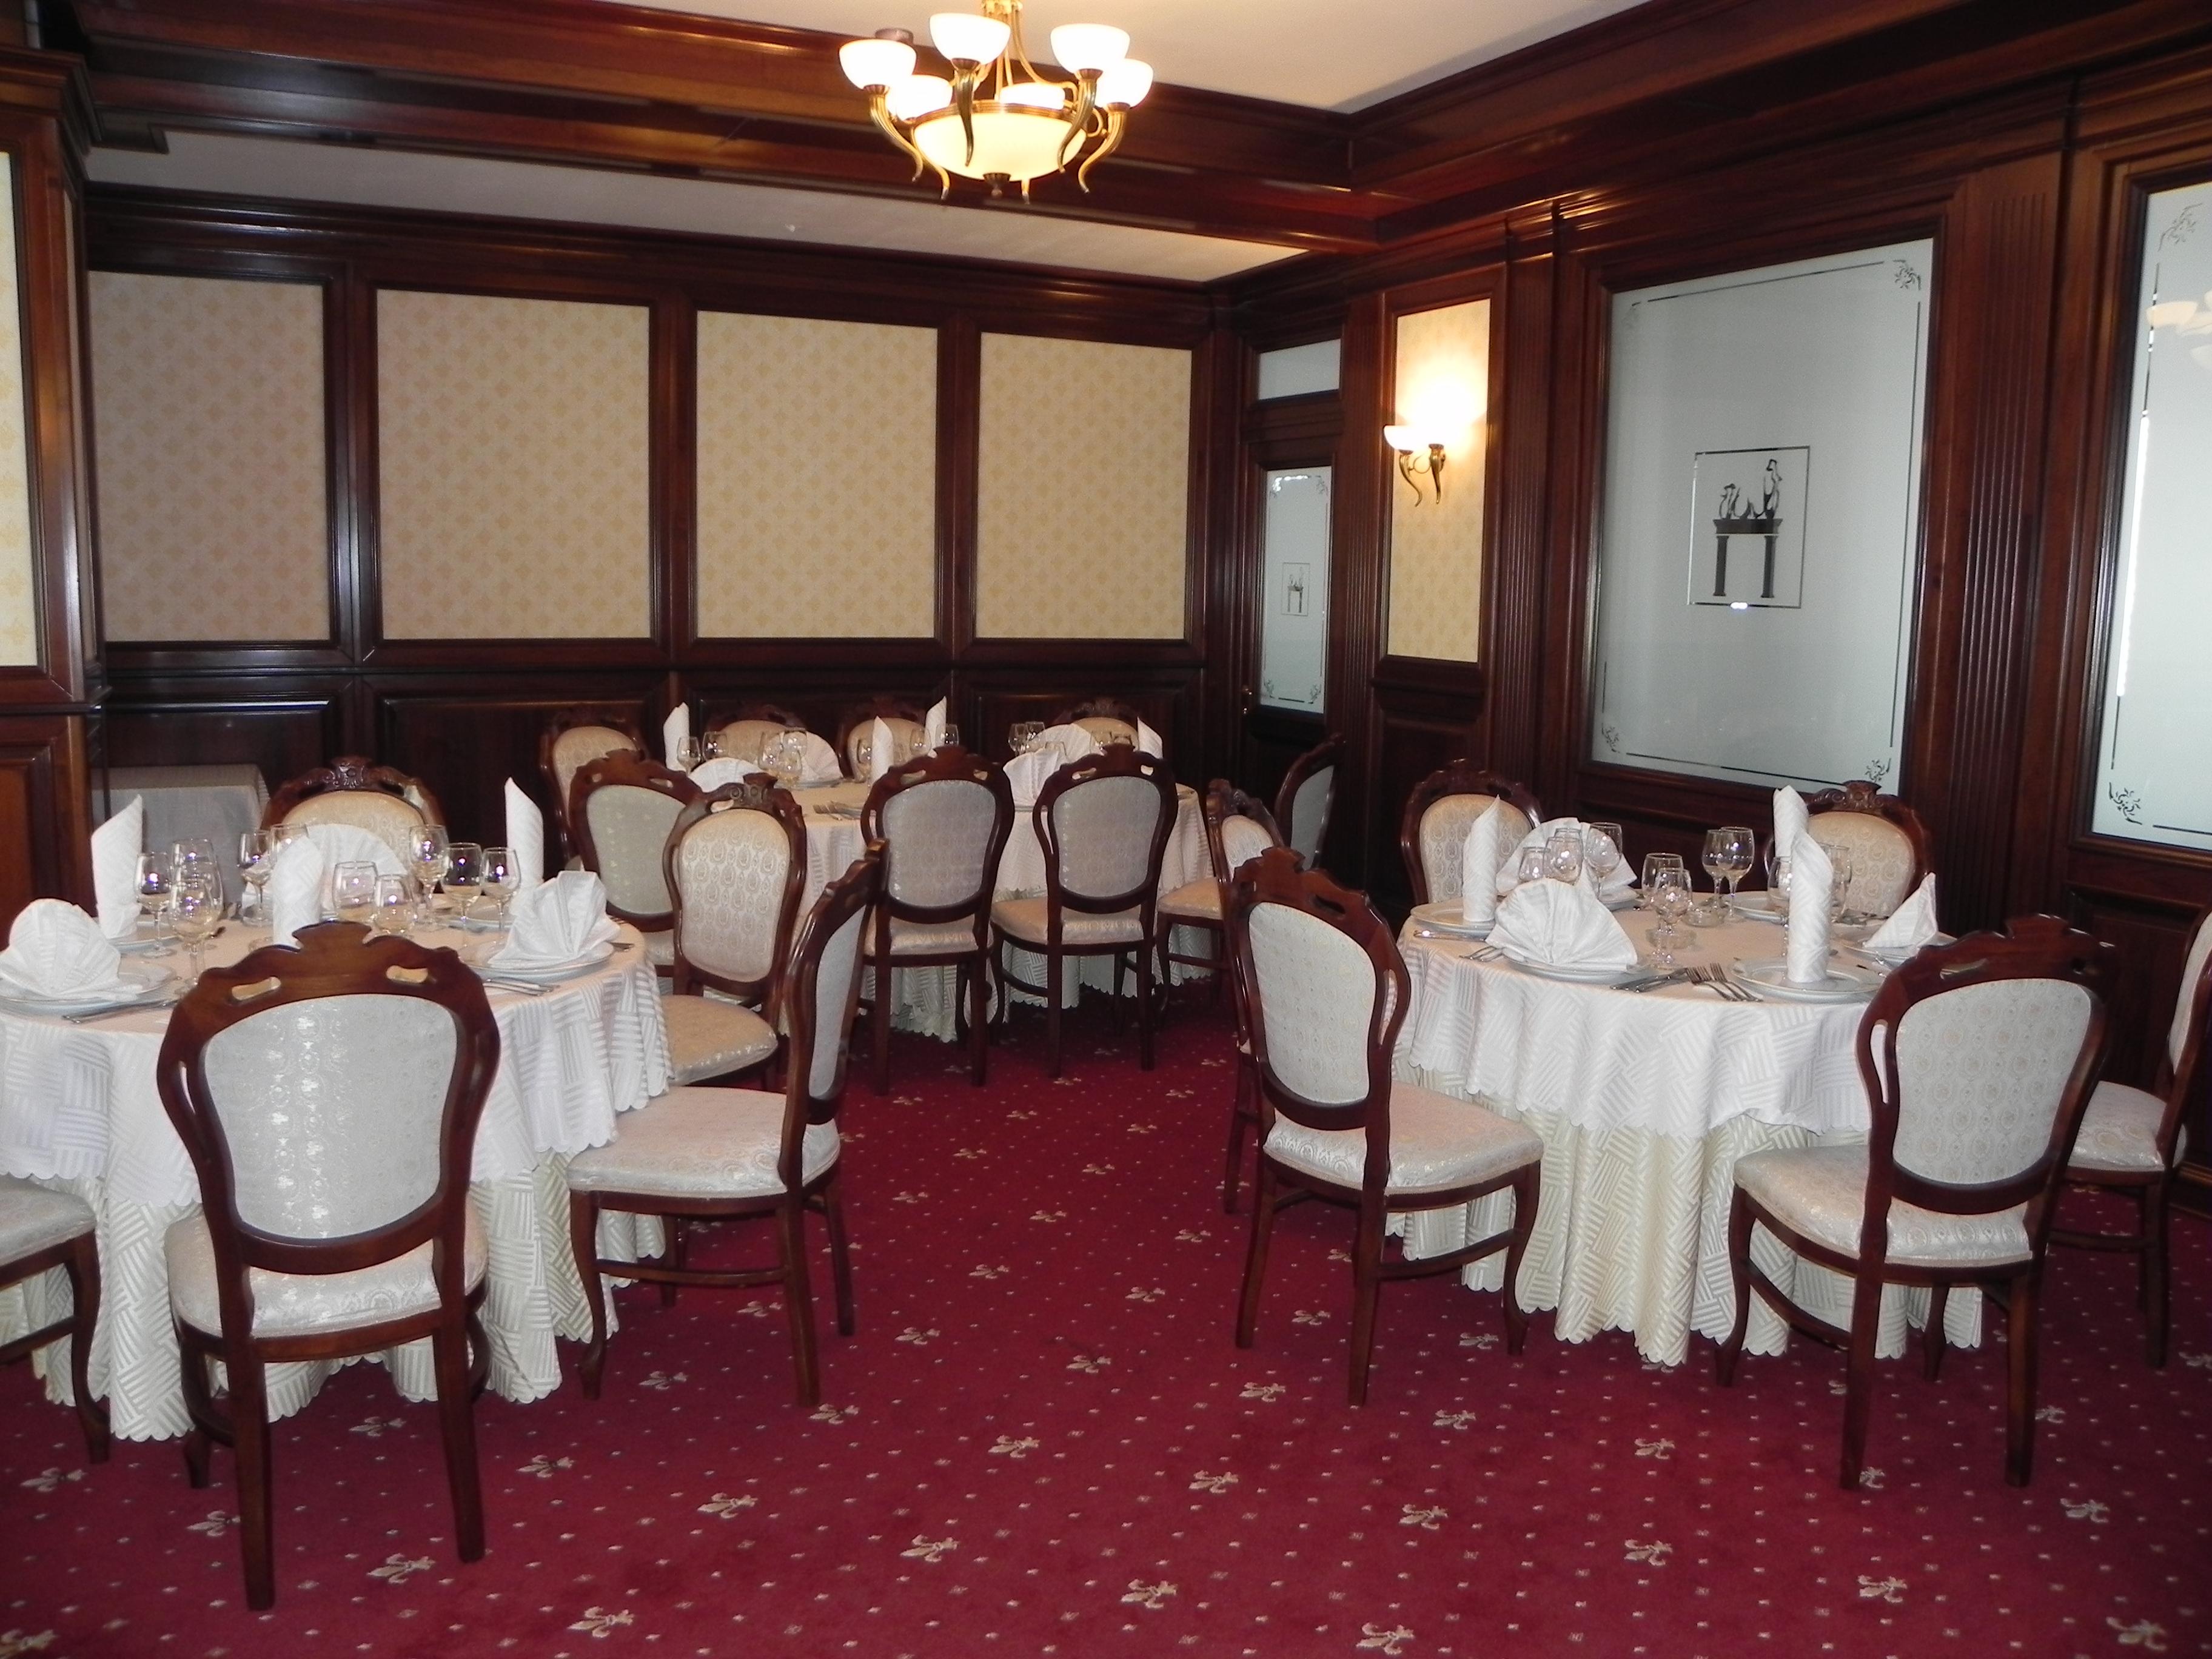 restaurant-Calliope-hotel-hestia-calarasi-02